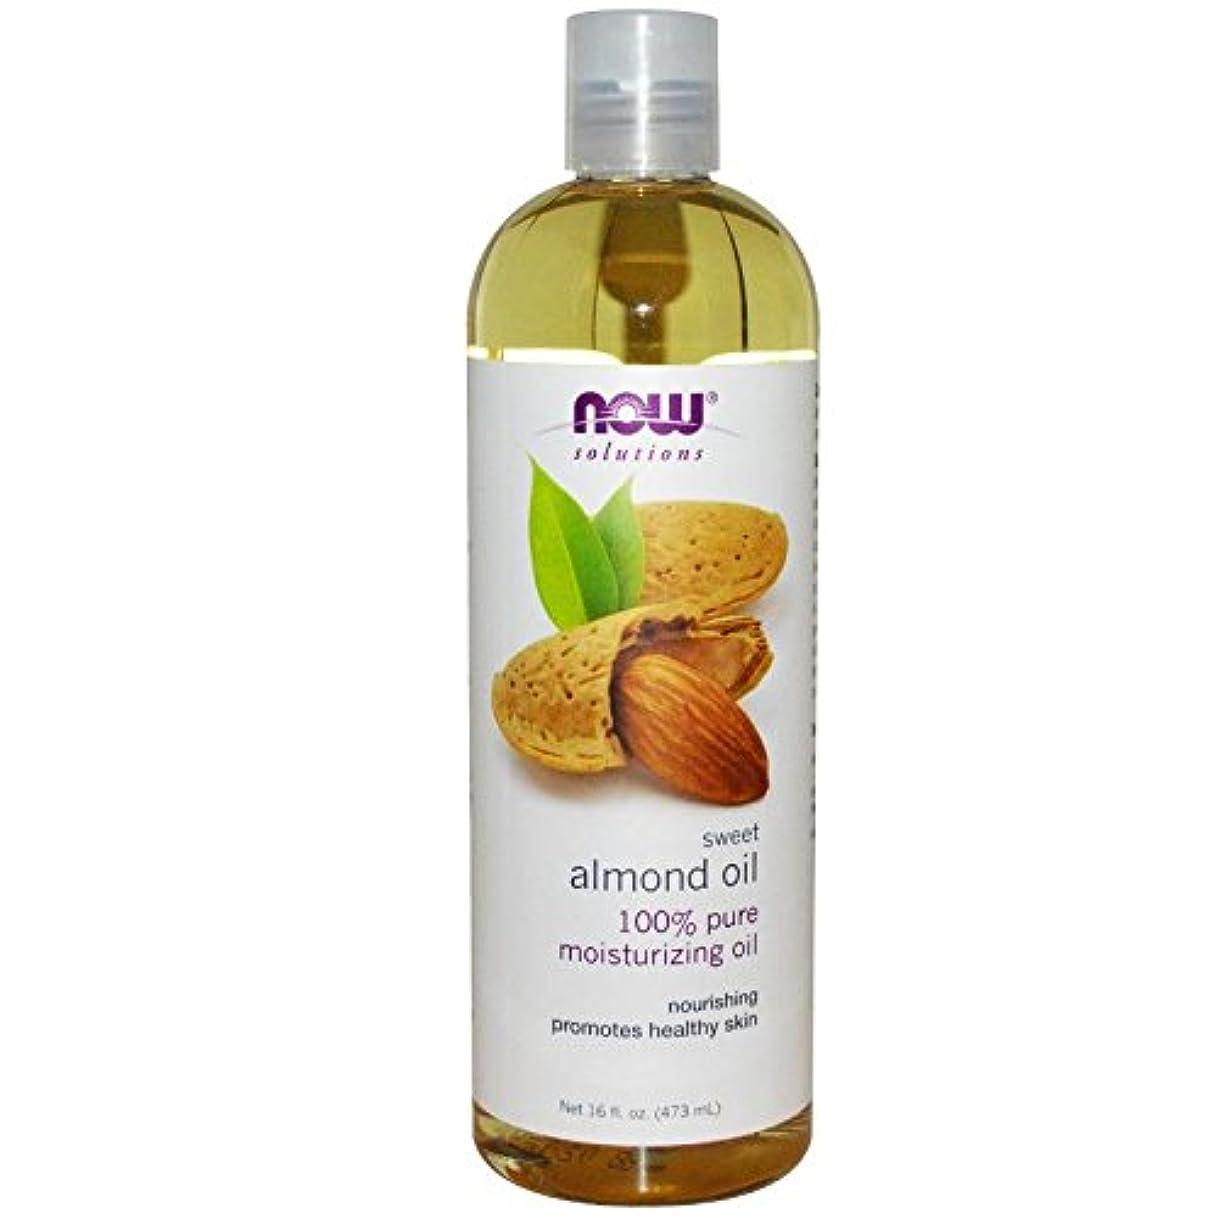 腕抜け目がない恥ずかしさ【国内発送】 Now Solutions Sweet Almond Oil 16 oz. (473ml) [並行輸入品]